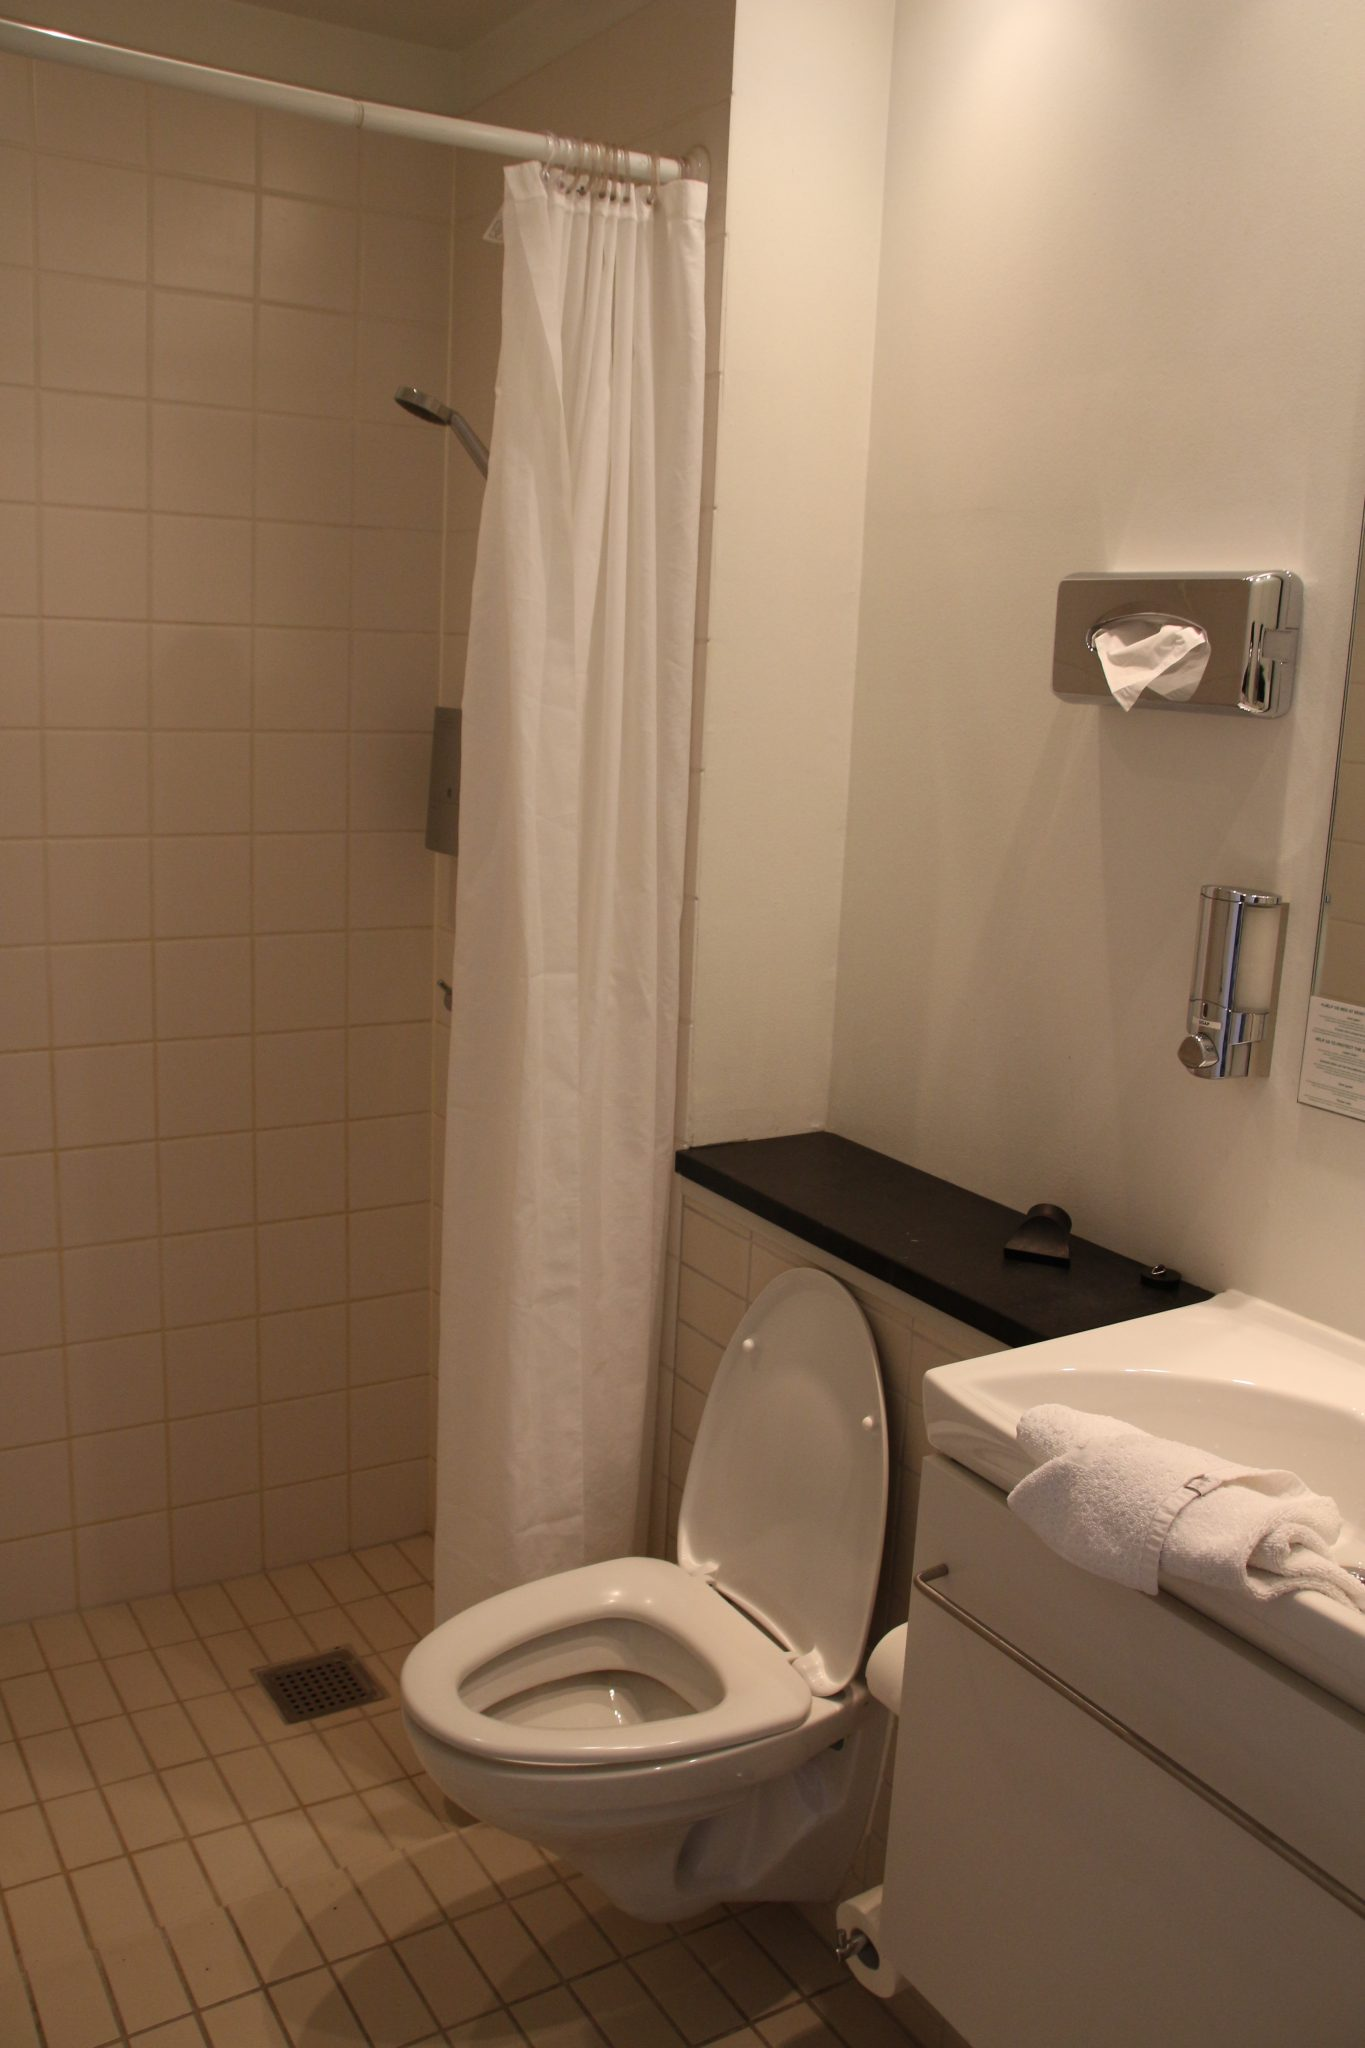 The wetroom/bathroom at Best Western Hebron, Copenhagen, Denmark